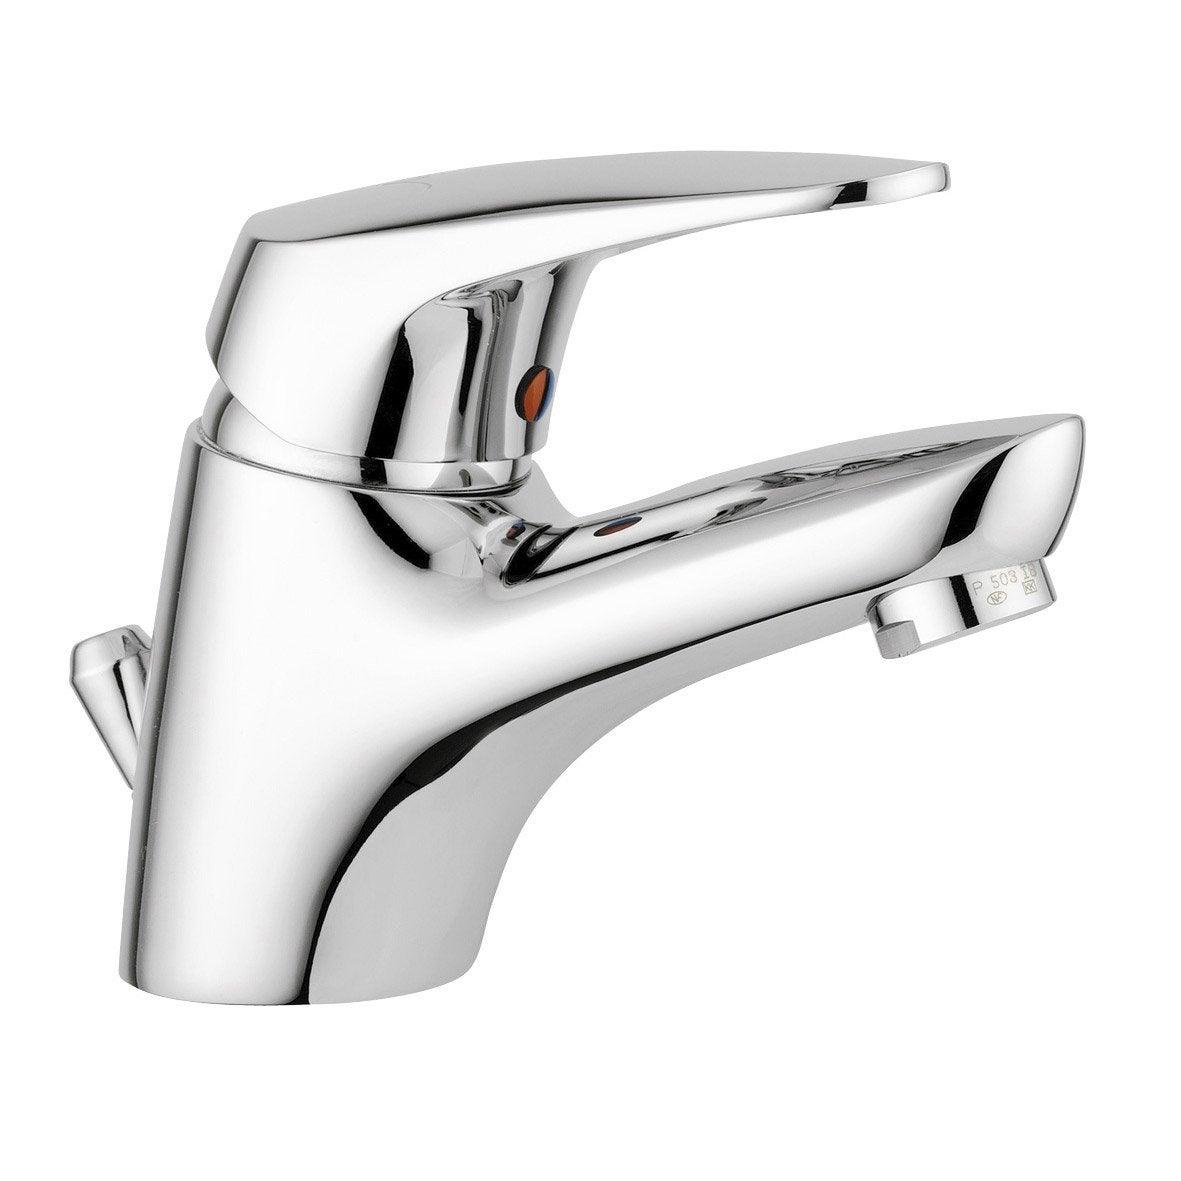 mitigeur de lavabo chrome sensea appi Résultat Supérieur 14 Inspirant Mitigeur Sdb Photos 2018 Shdy7